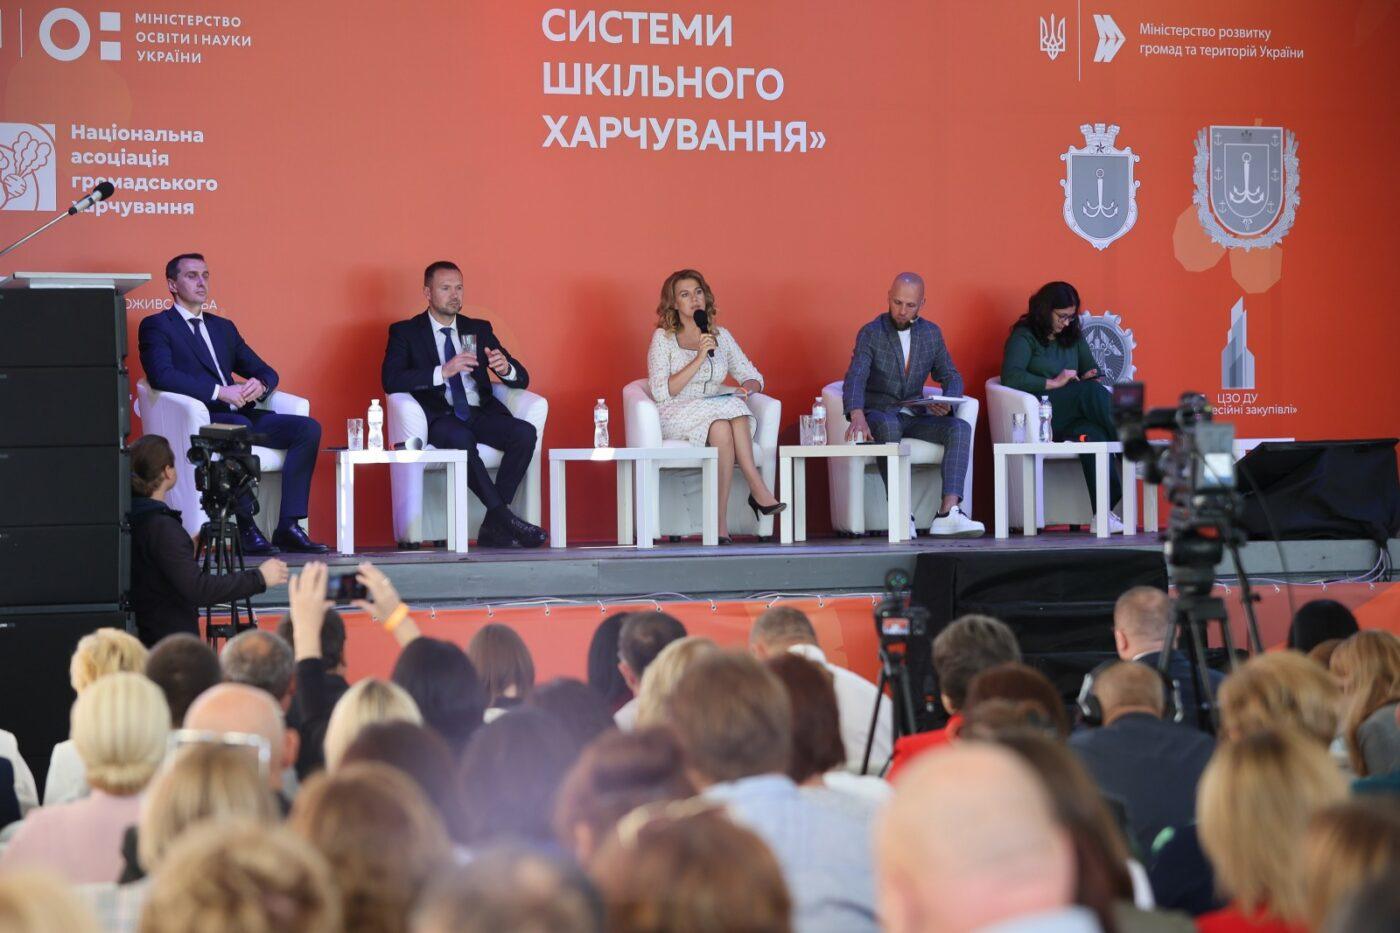 У м. Одесі  відбувся  регіональний форум «Реформа системи шкільного харчування»